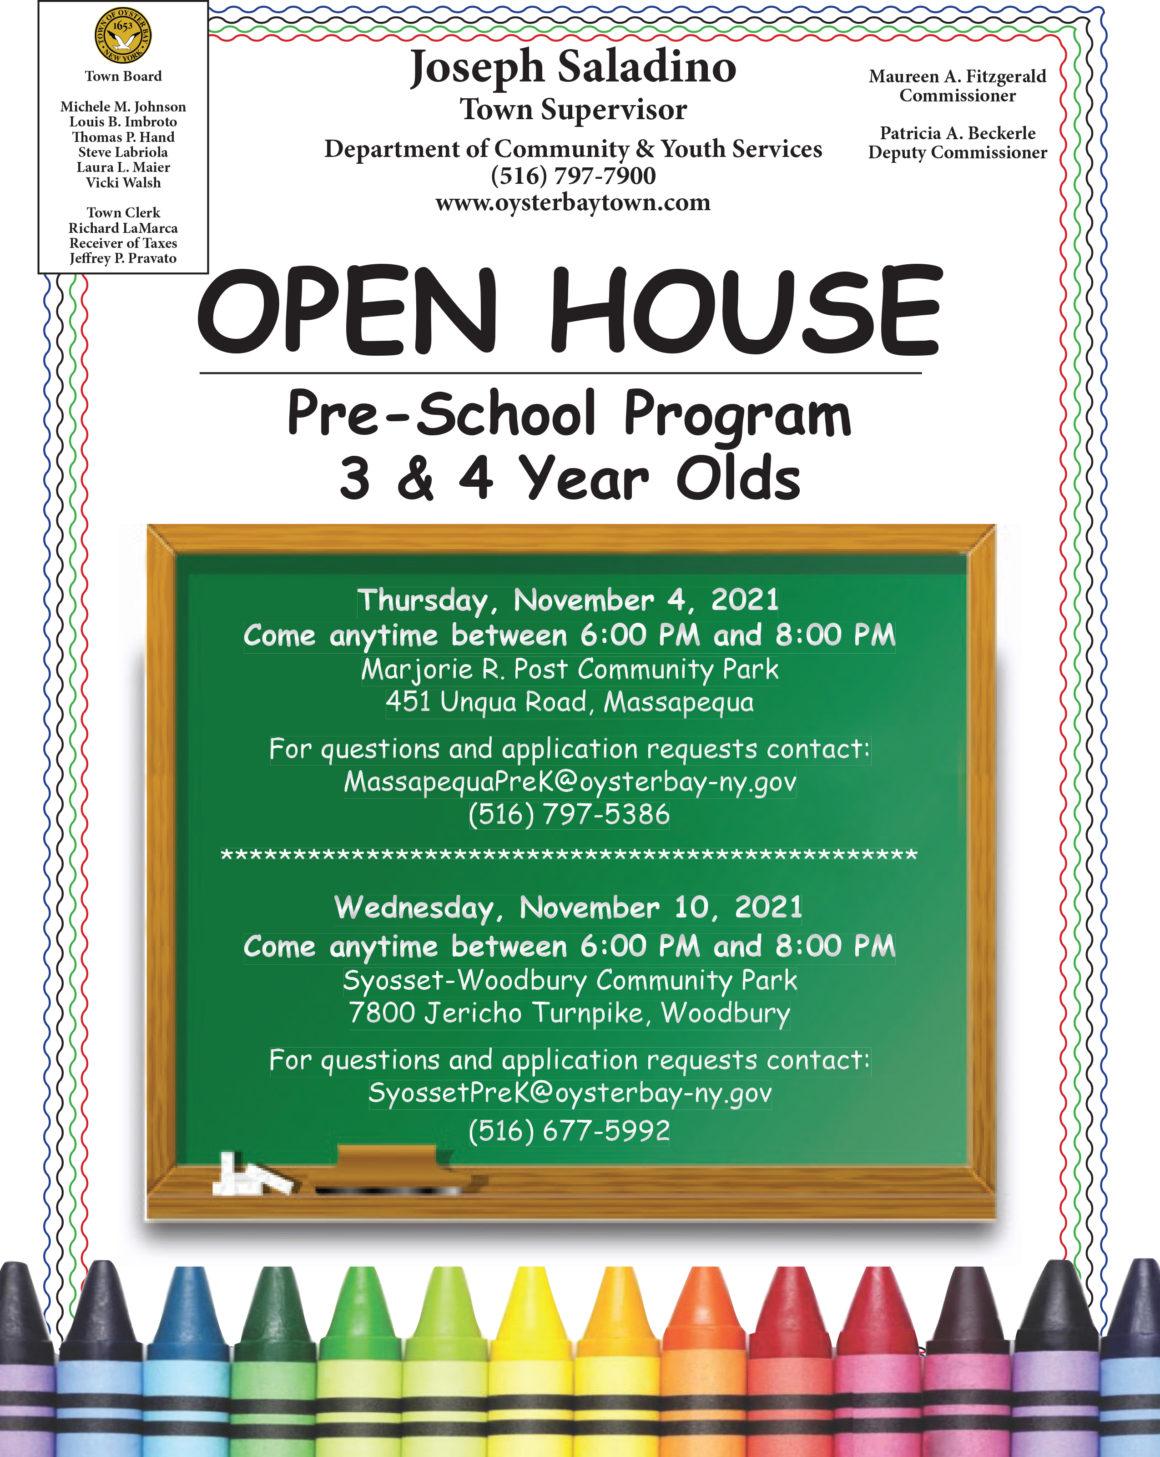 Councilwoman Johnson Announces Open House for Town Pre-School Programs